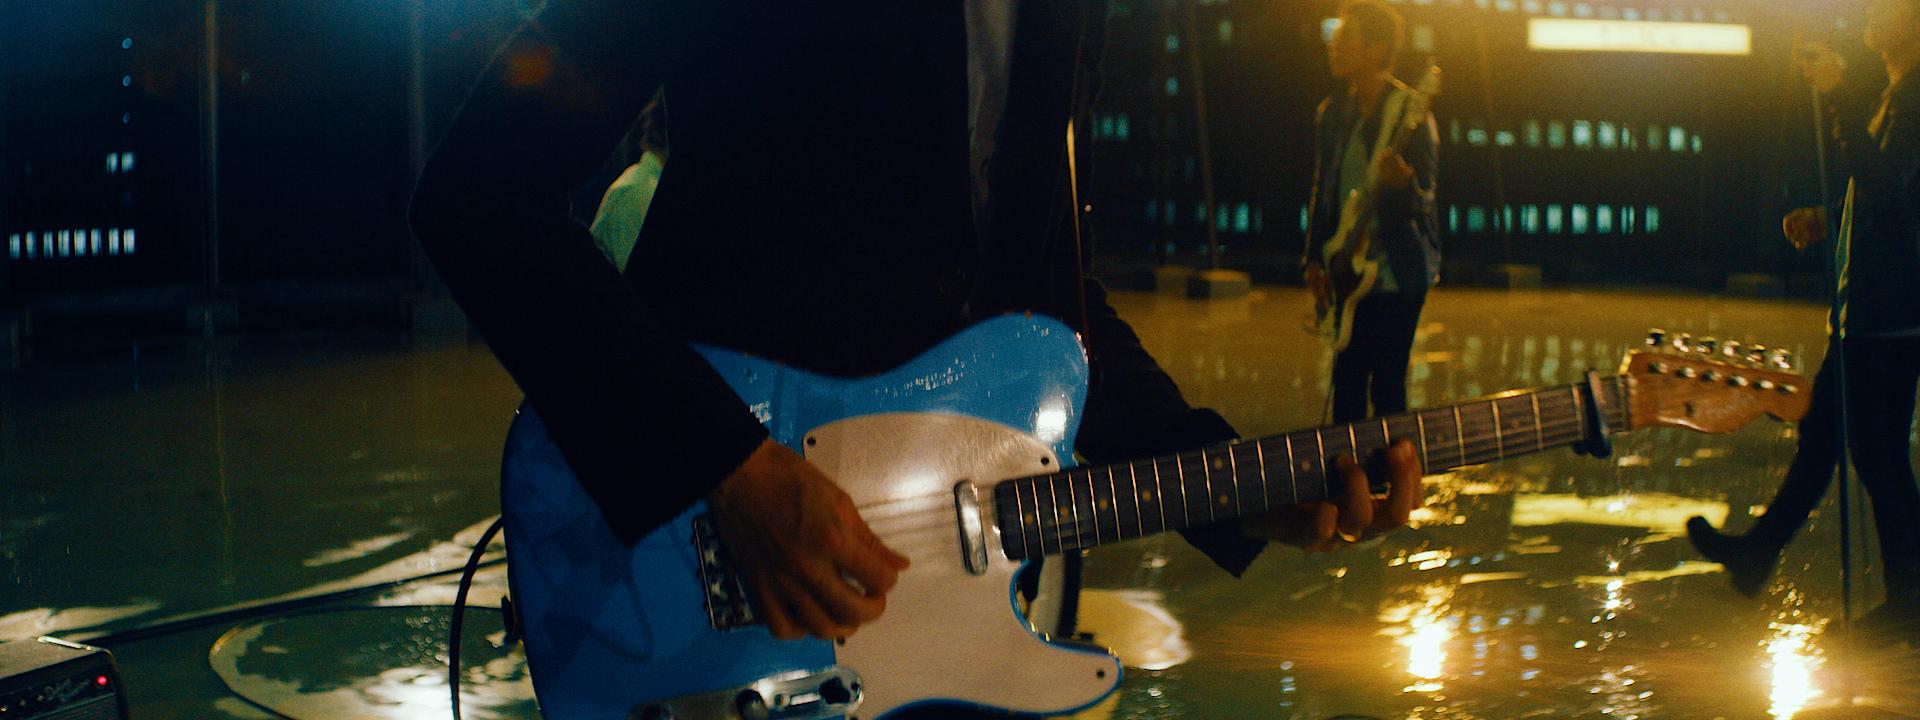 band_edit04.00_03_23_02.Still015.jpg